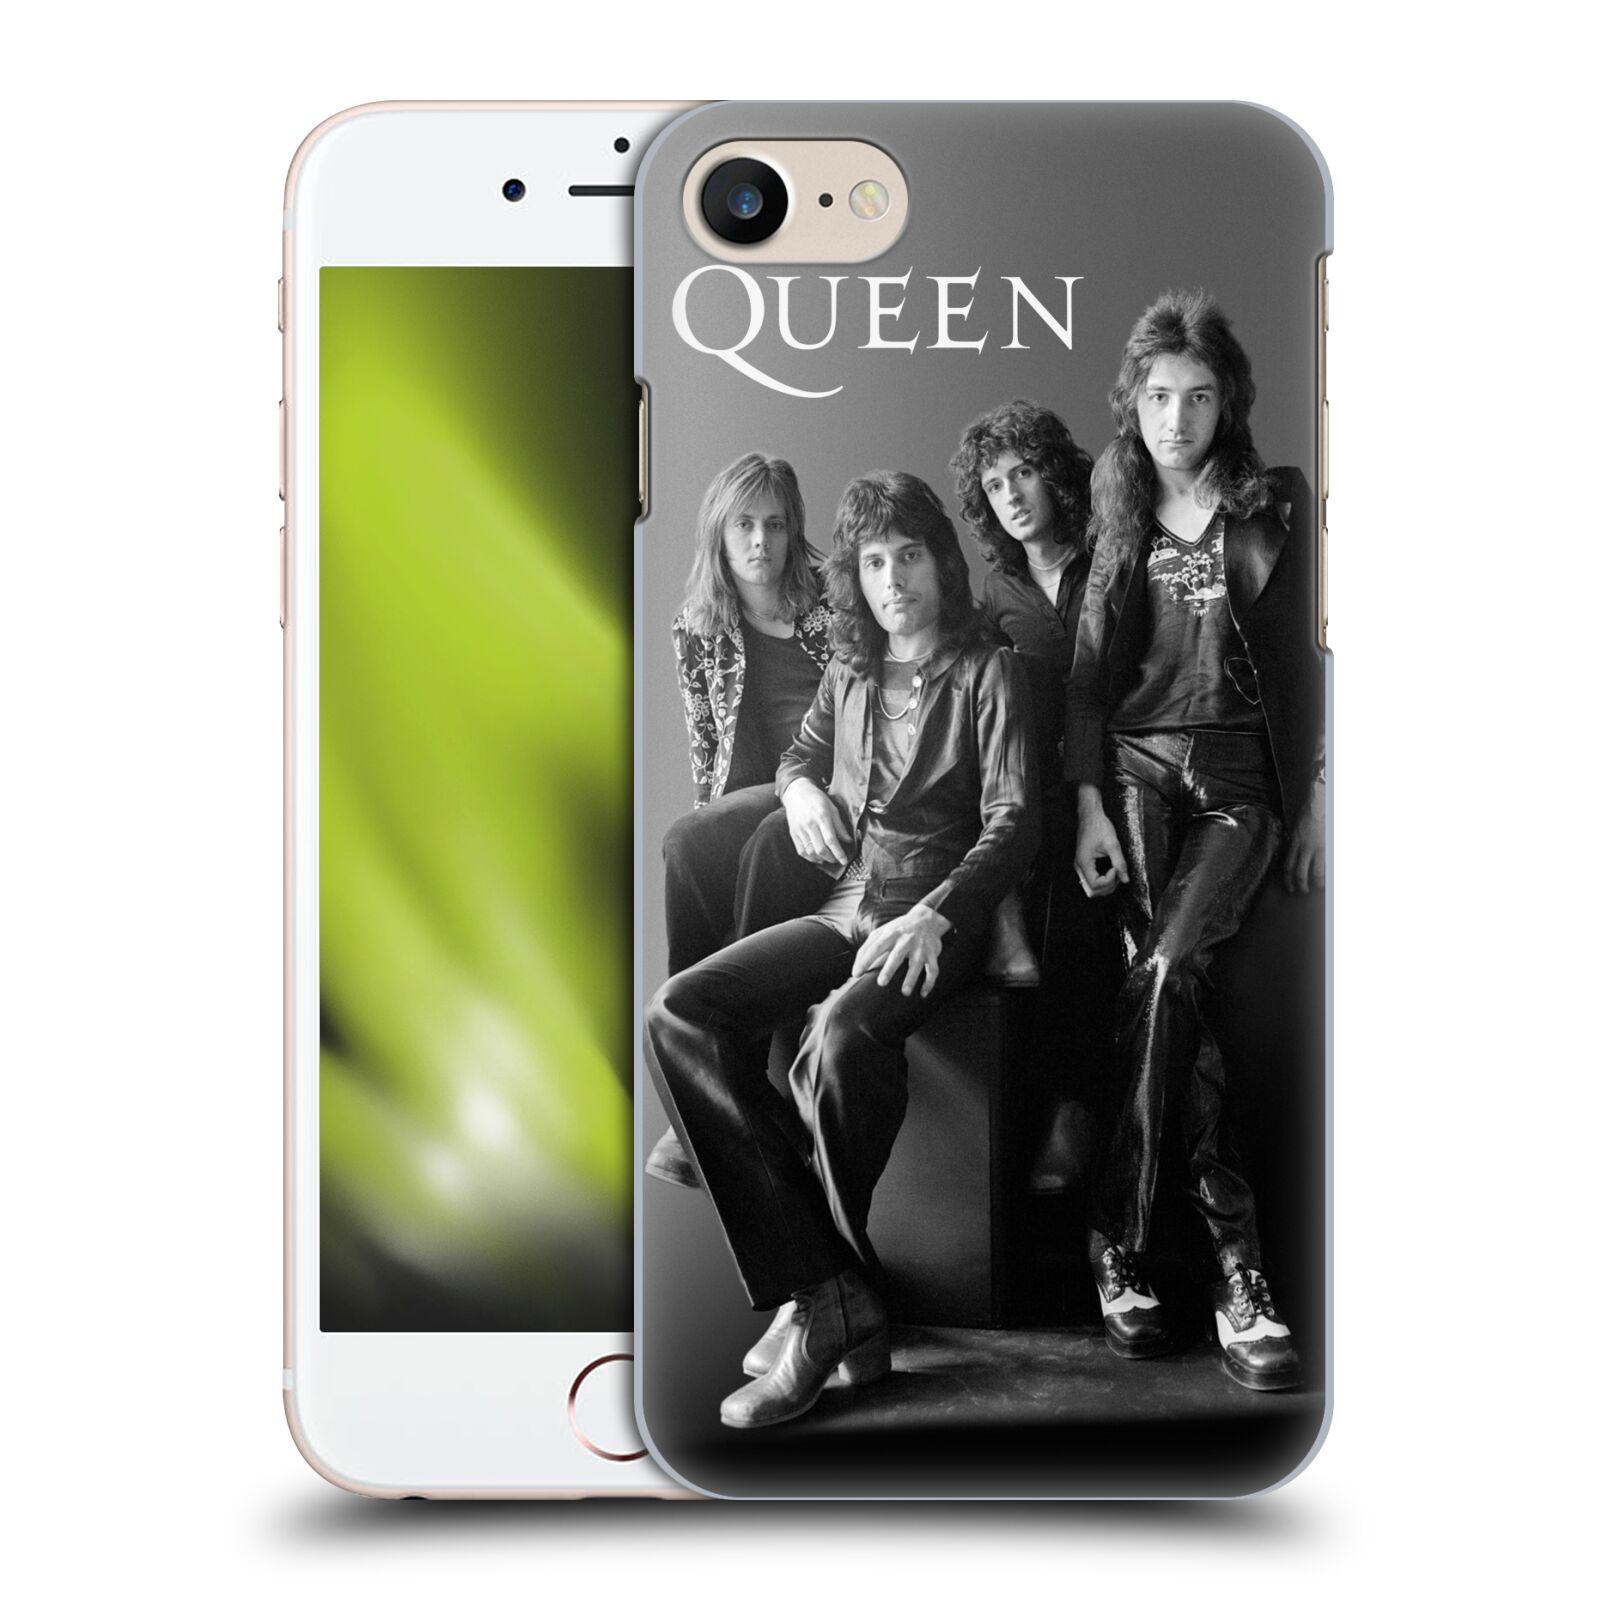 Plastové pouzdro na mobil Apple iPhone SE (2020) - Head Case - Queen - Skupina